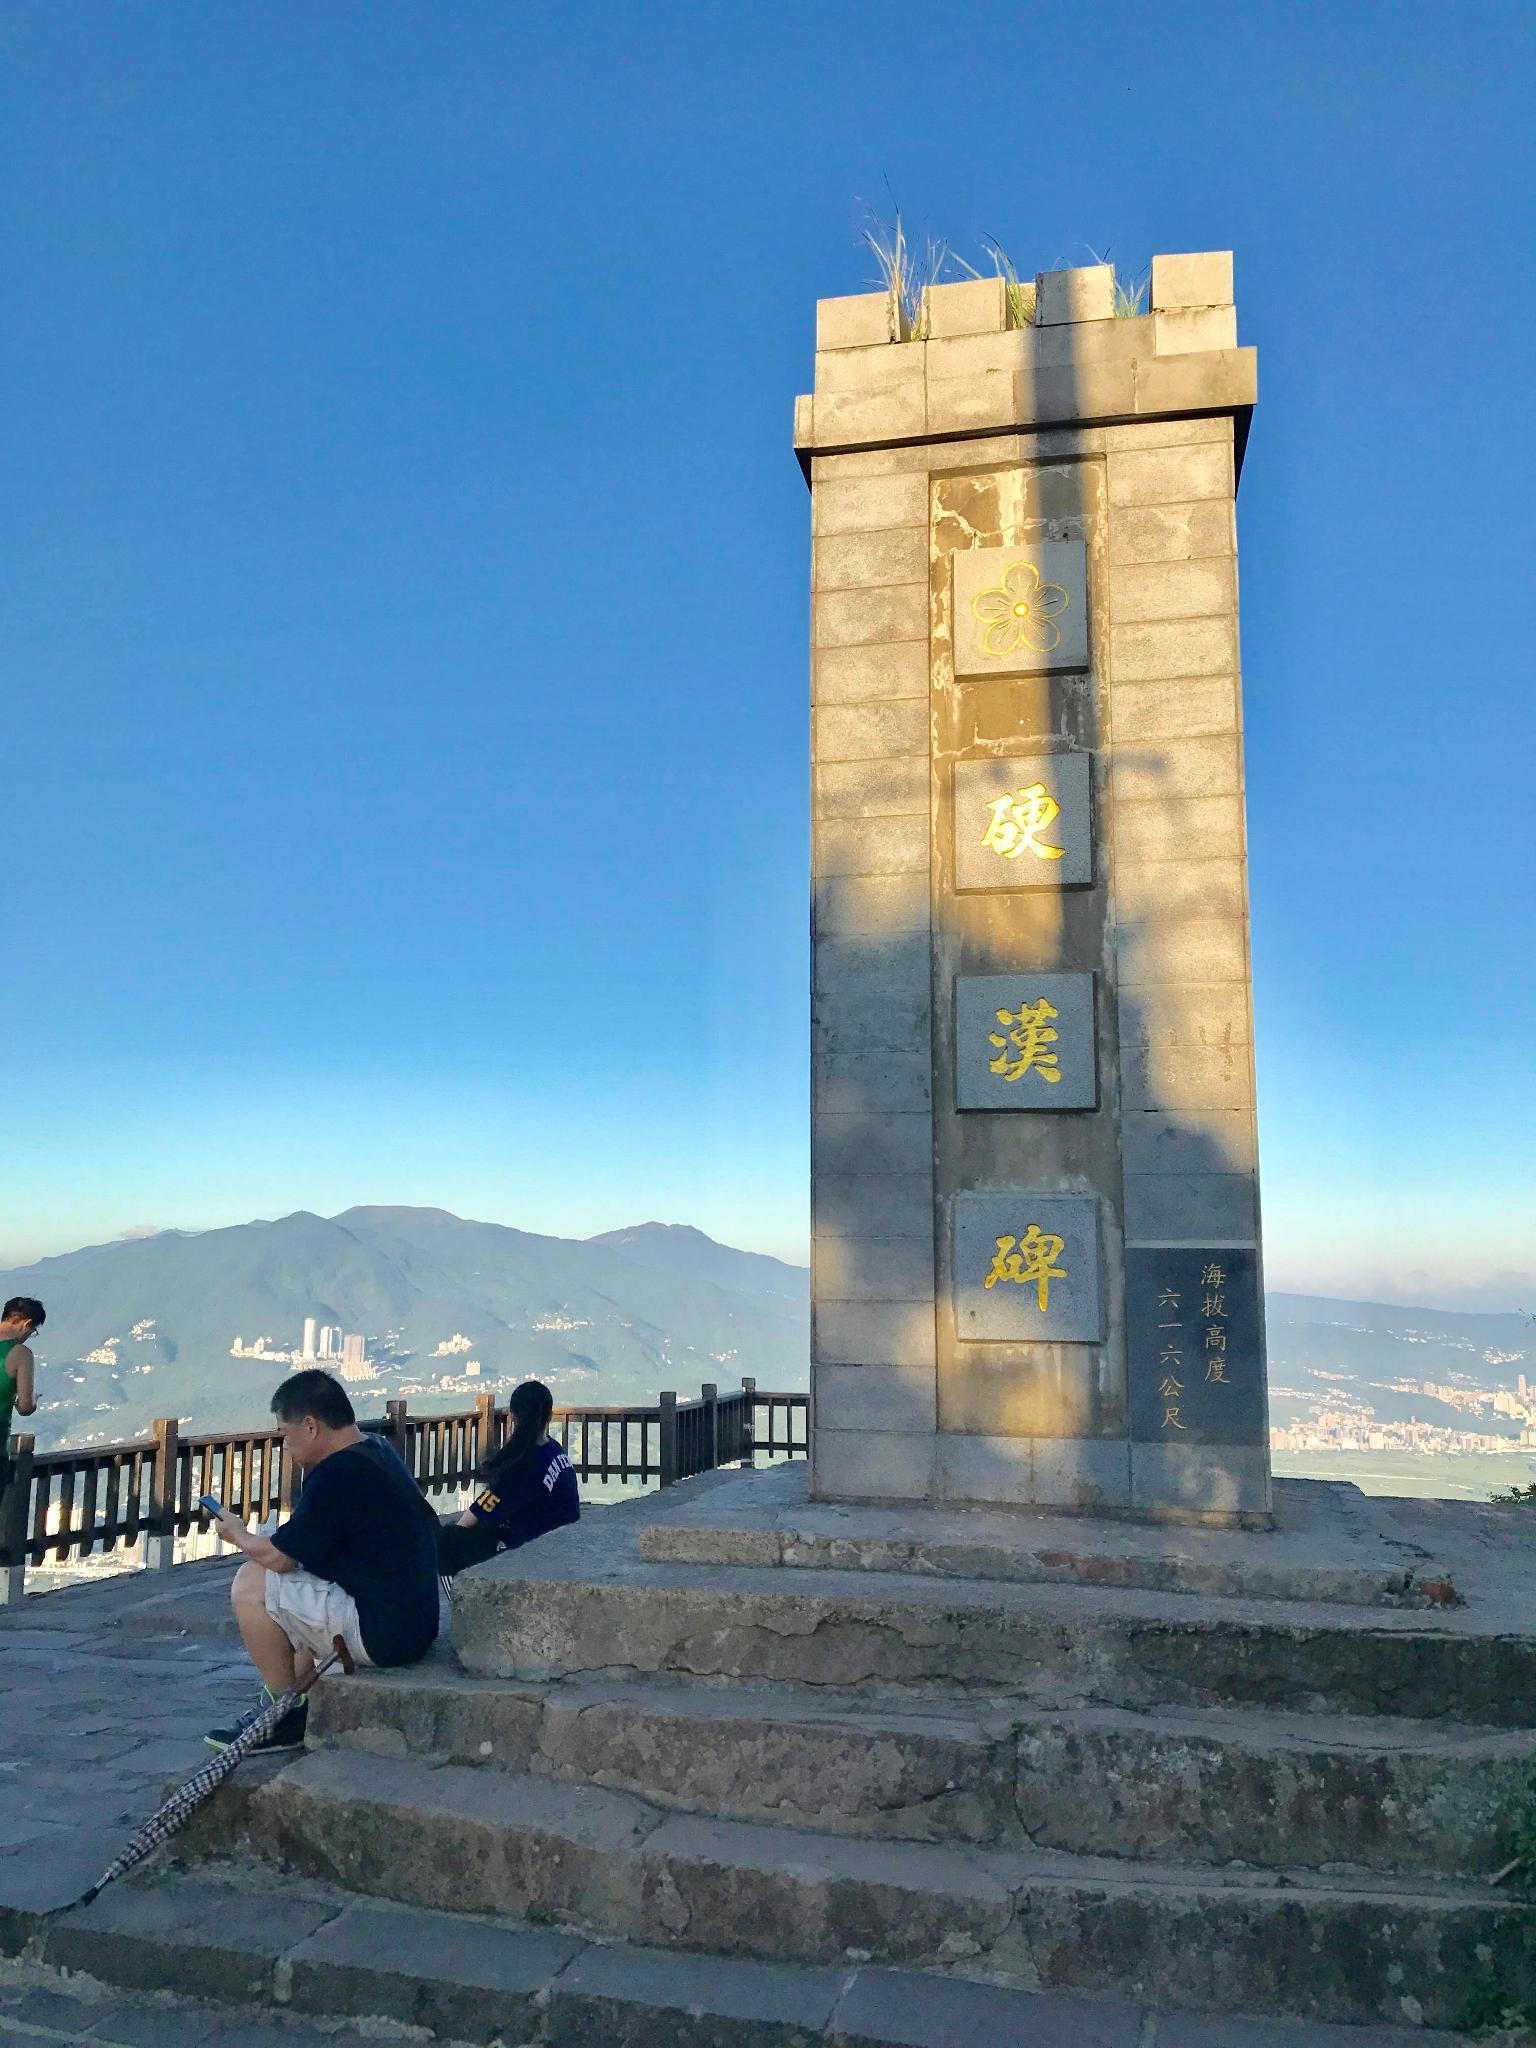 【臺北】觀音山硬漢嶺 — 瞭望大台北地區最推薦的觀景台 5